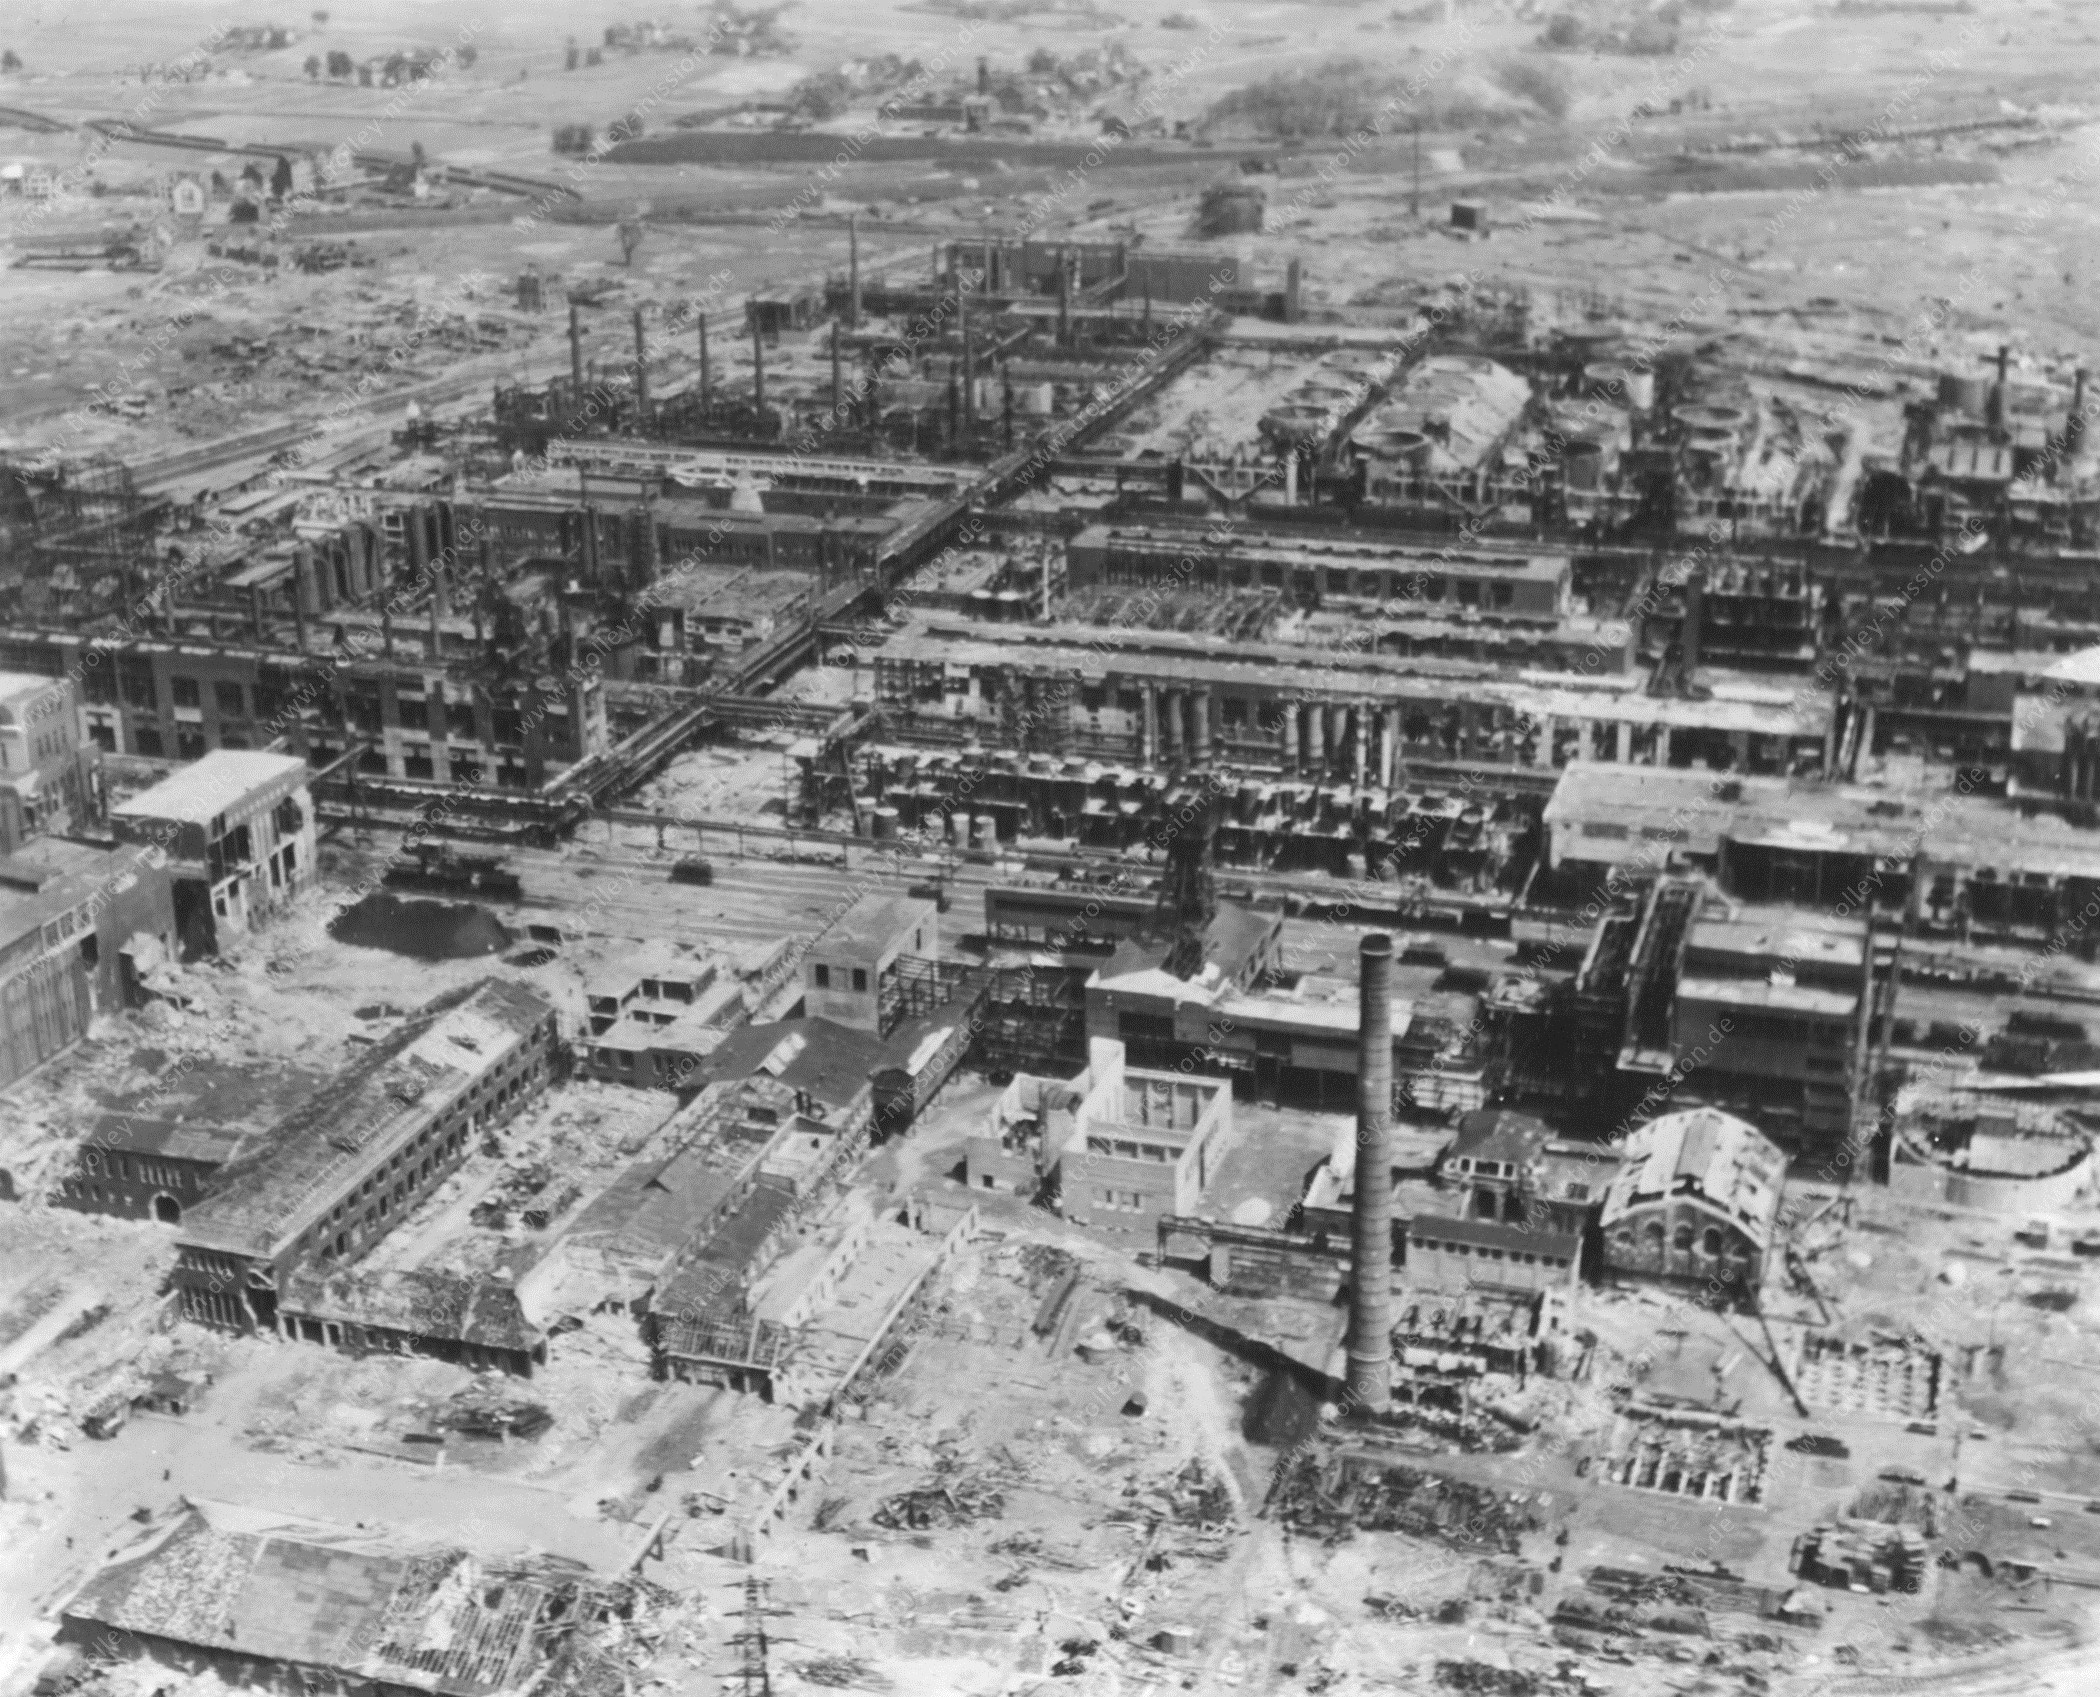 Luftbild der Kohlehydrieranlage im Werk Gelsenkirchen Horst aus dem Zweiten Weltkrieg